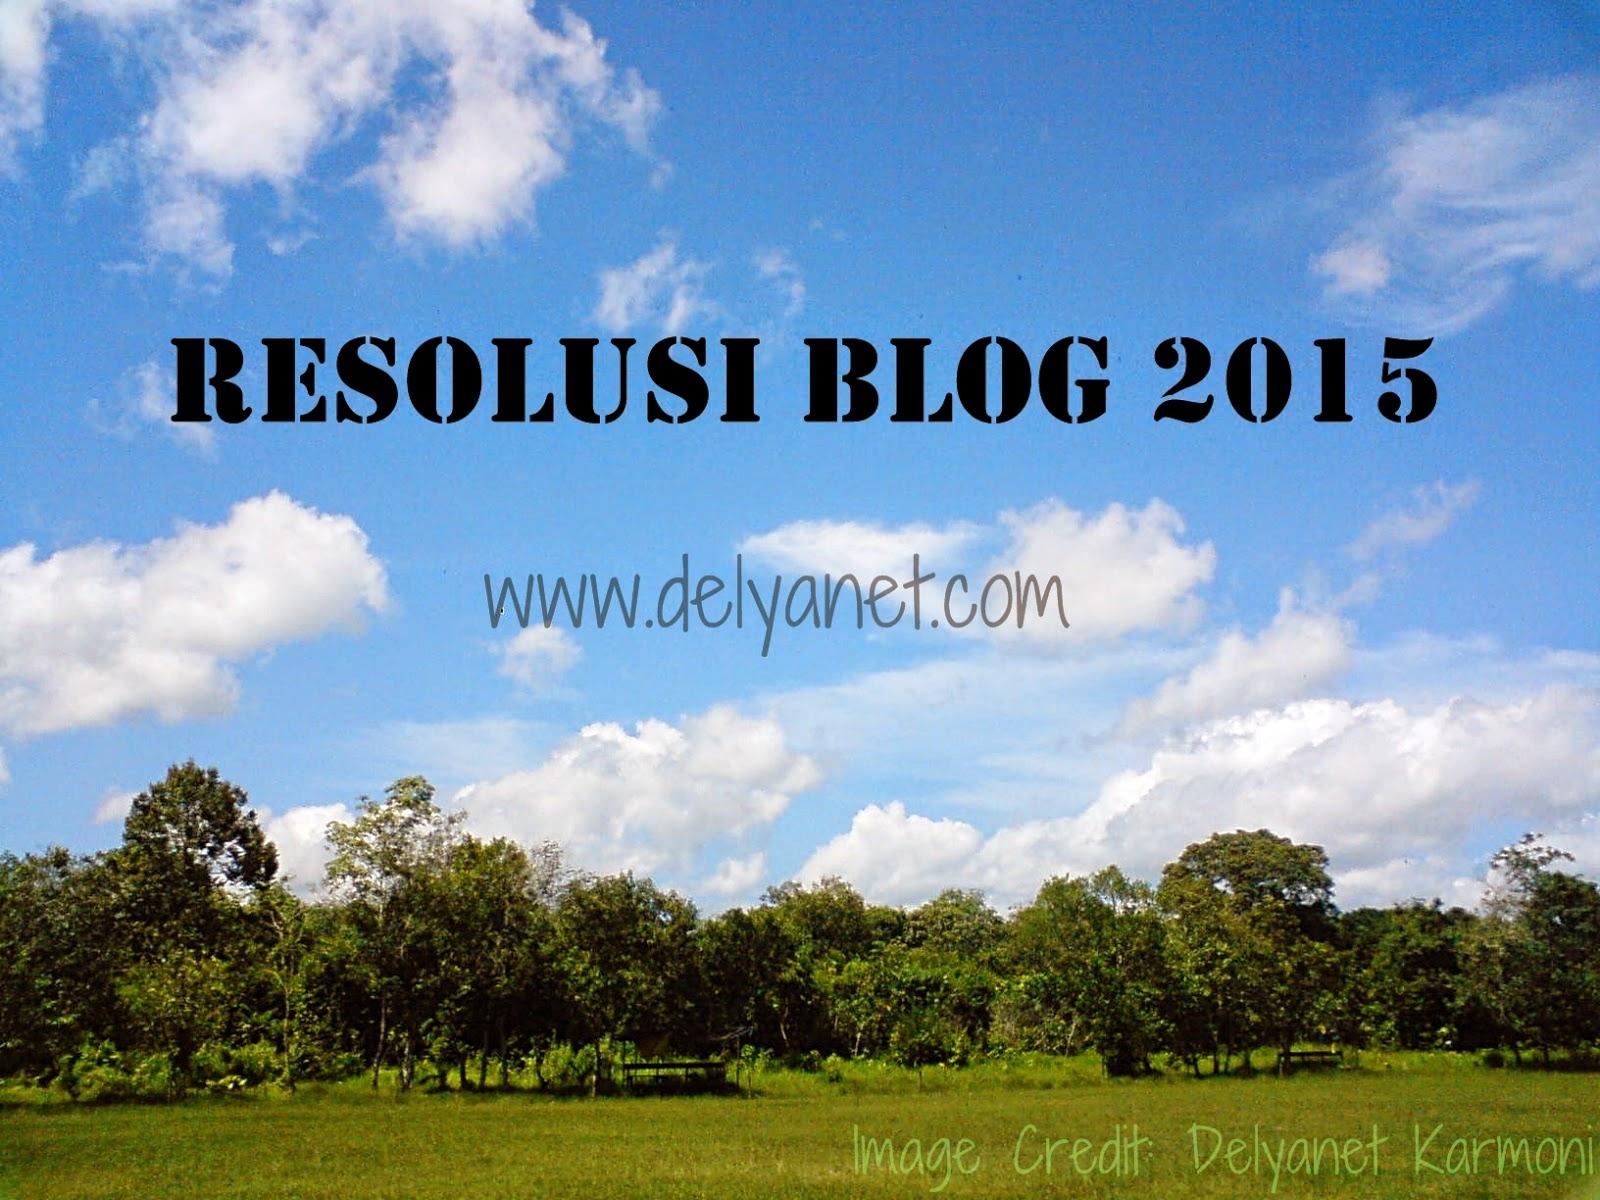 Resolusi Blog 2015